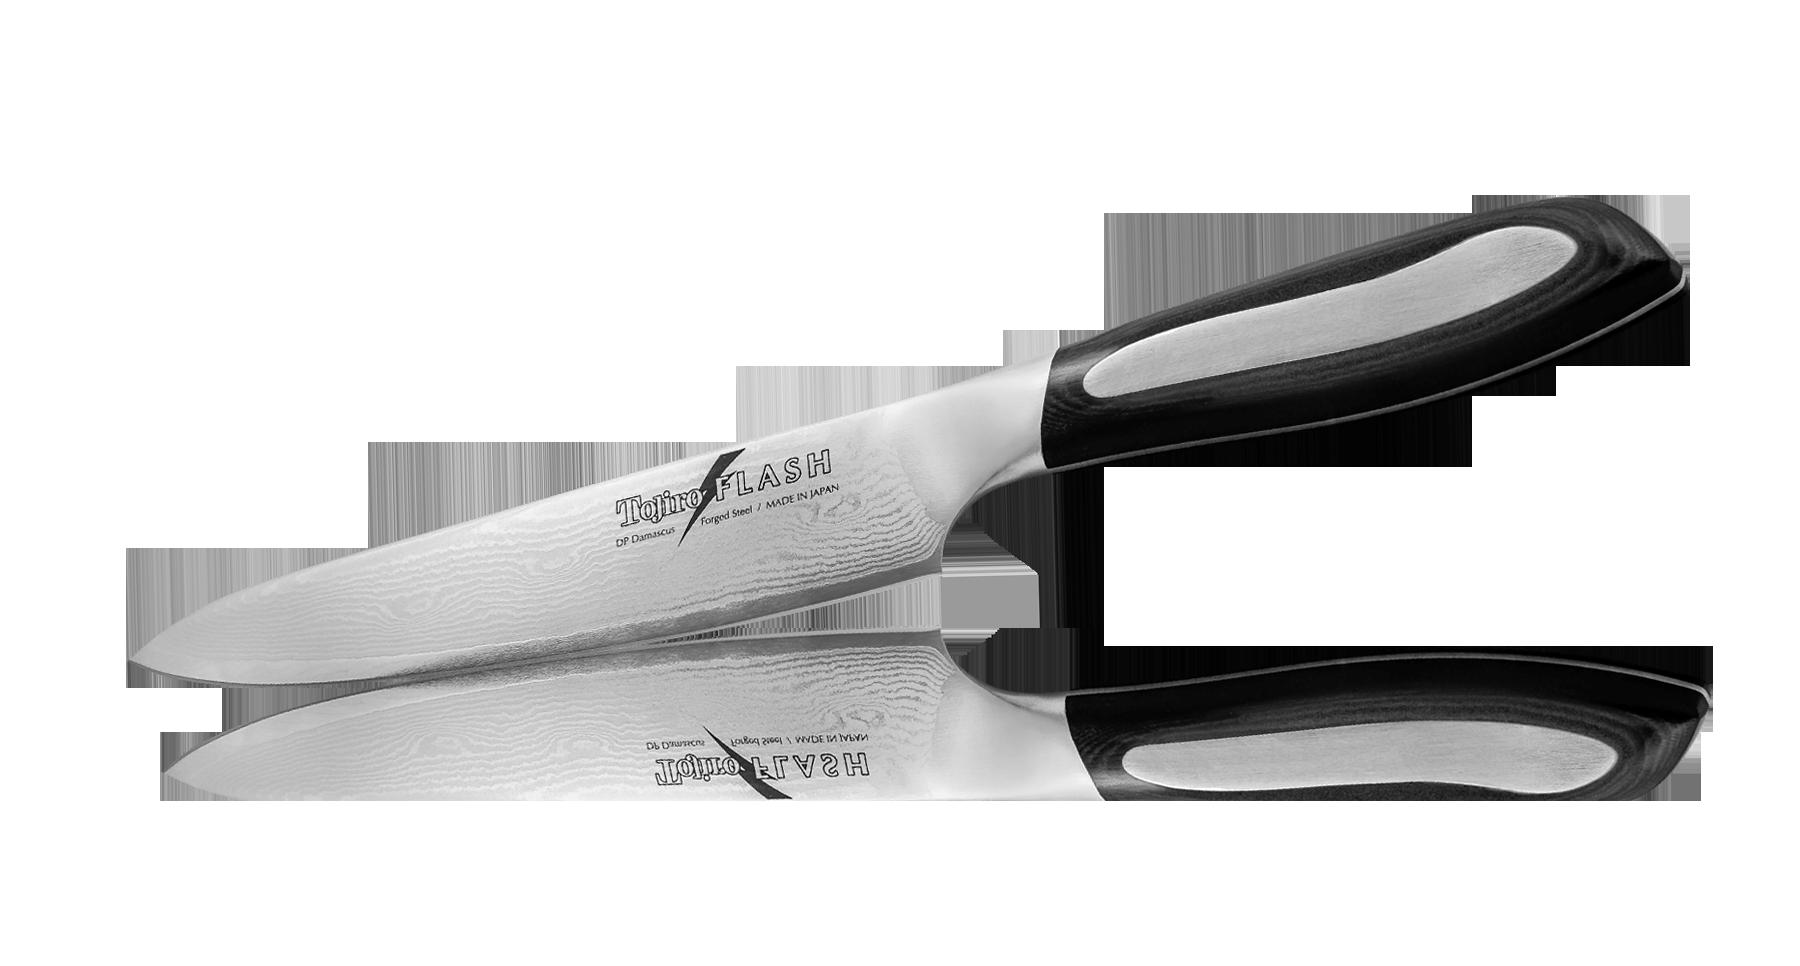 Нож Универсальный Tojiro Flash 150 мм, сталь VG-10Tojiro<br>Нож Универсальный Tojiro Flash 150 мм, сталь VG-10<br>